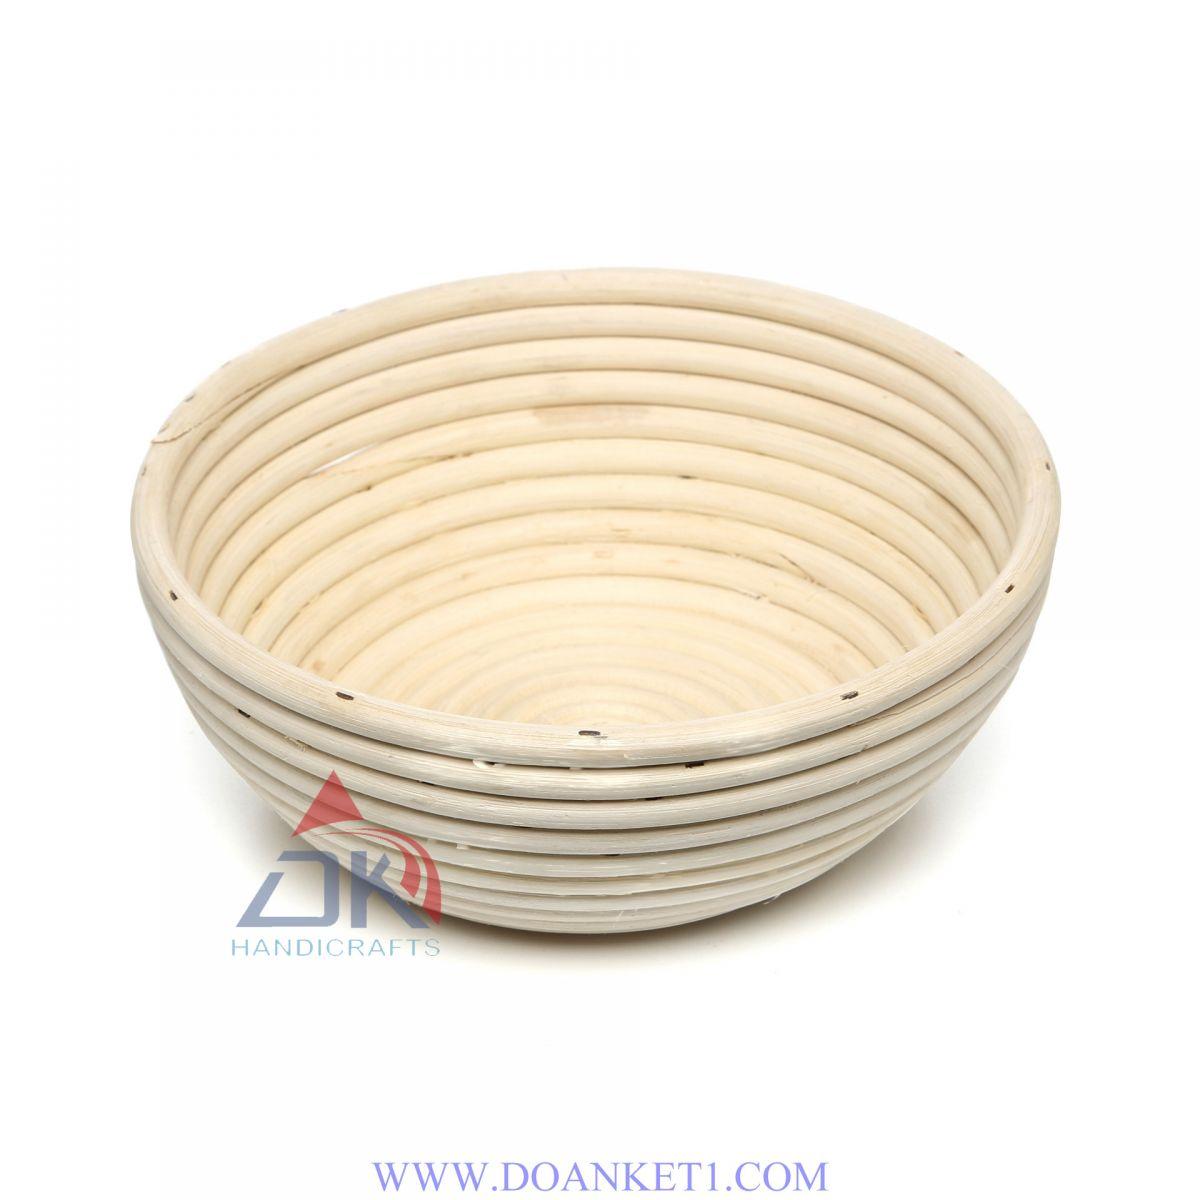 Rattan Bread Basket # DK121